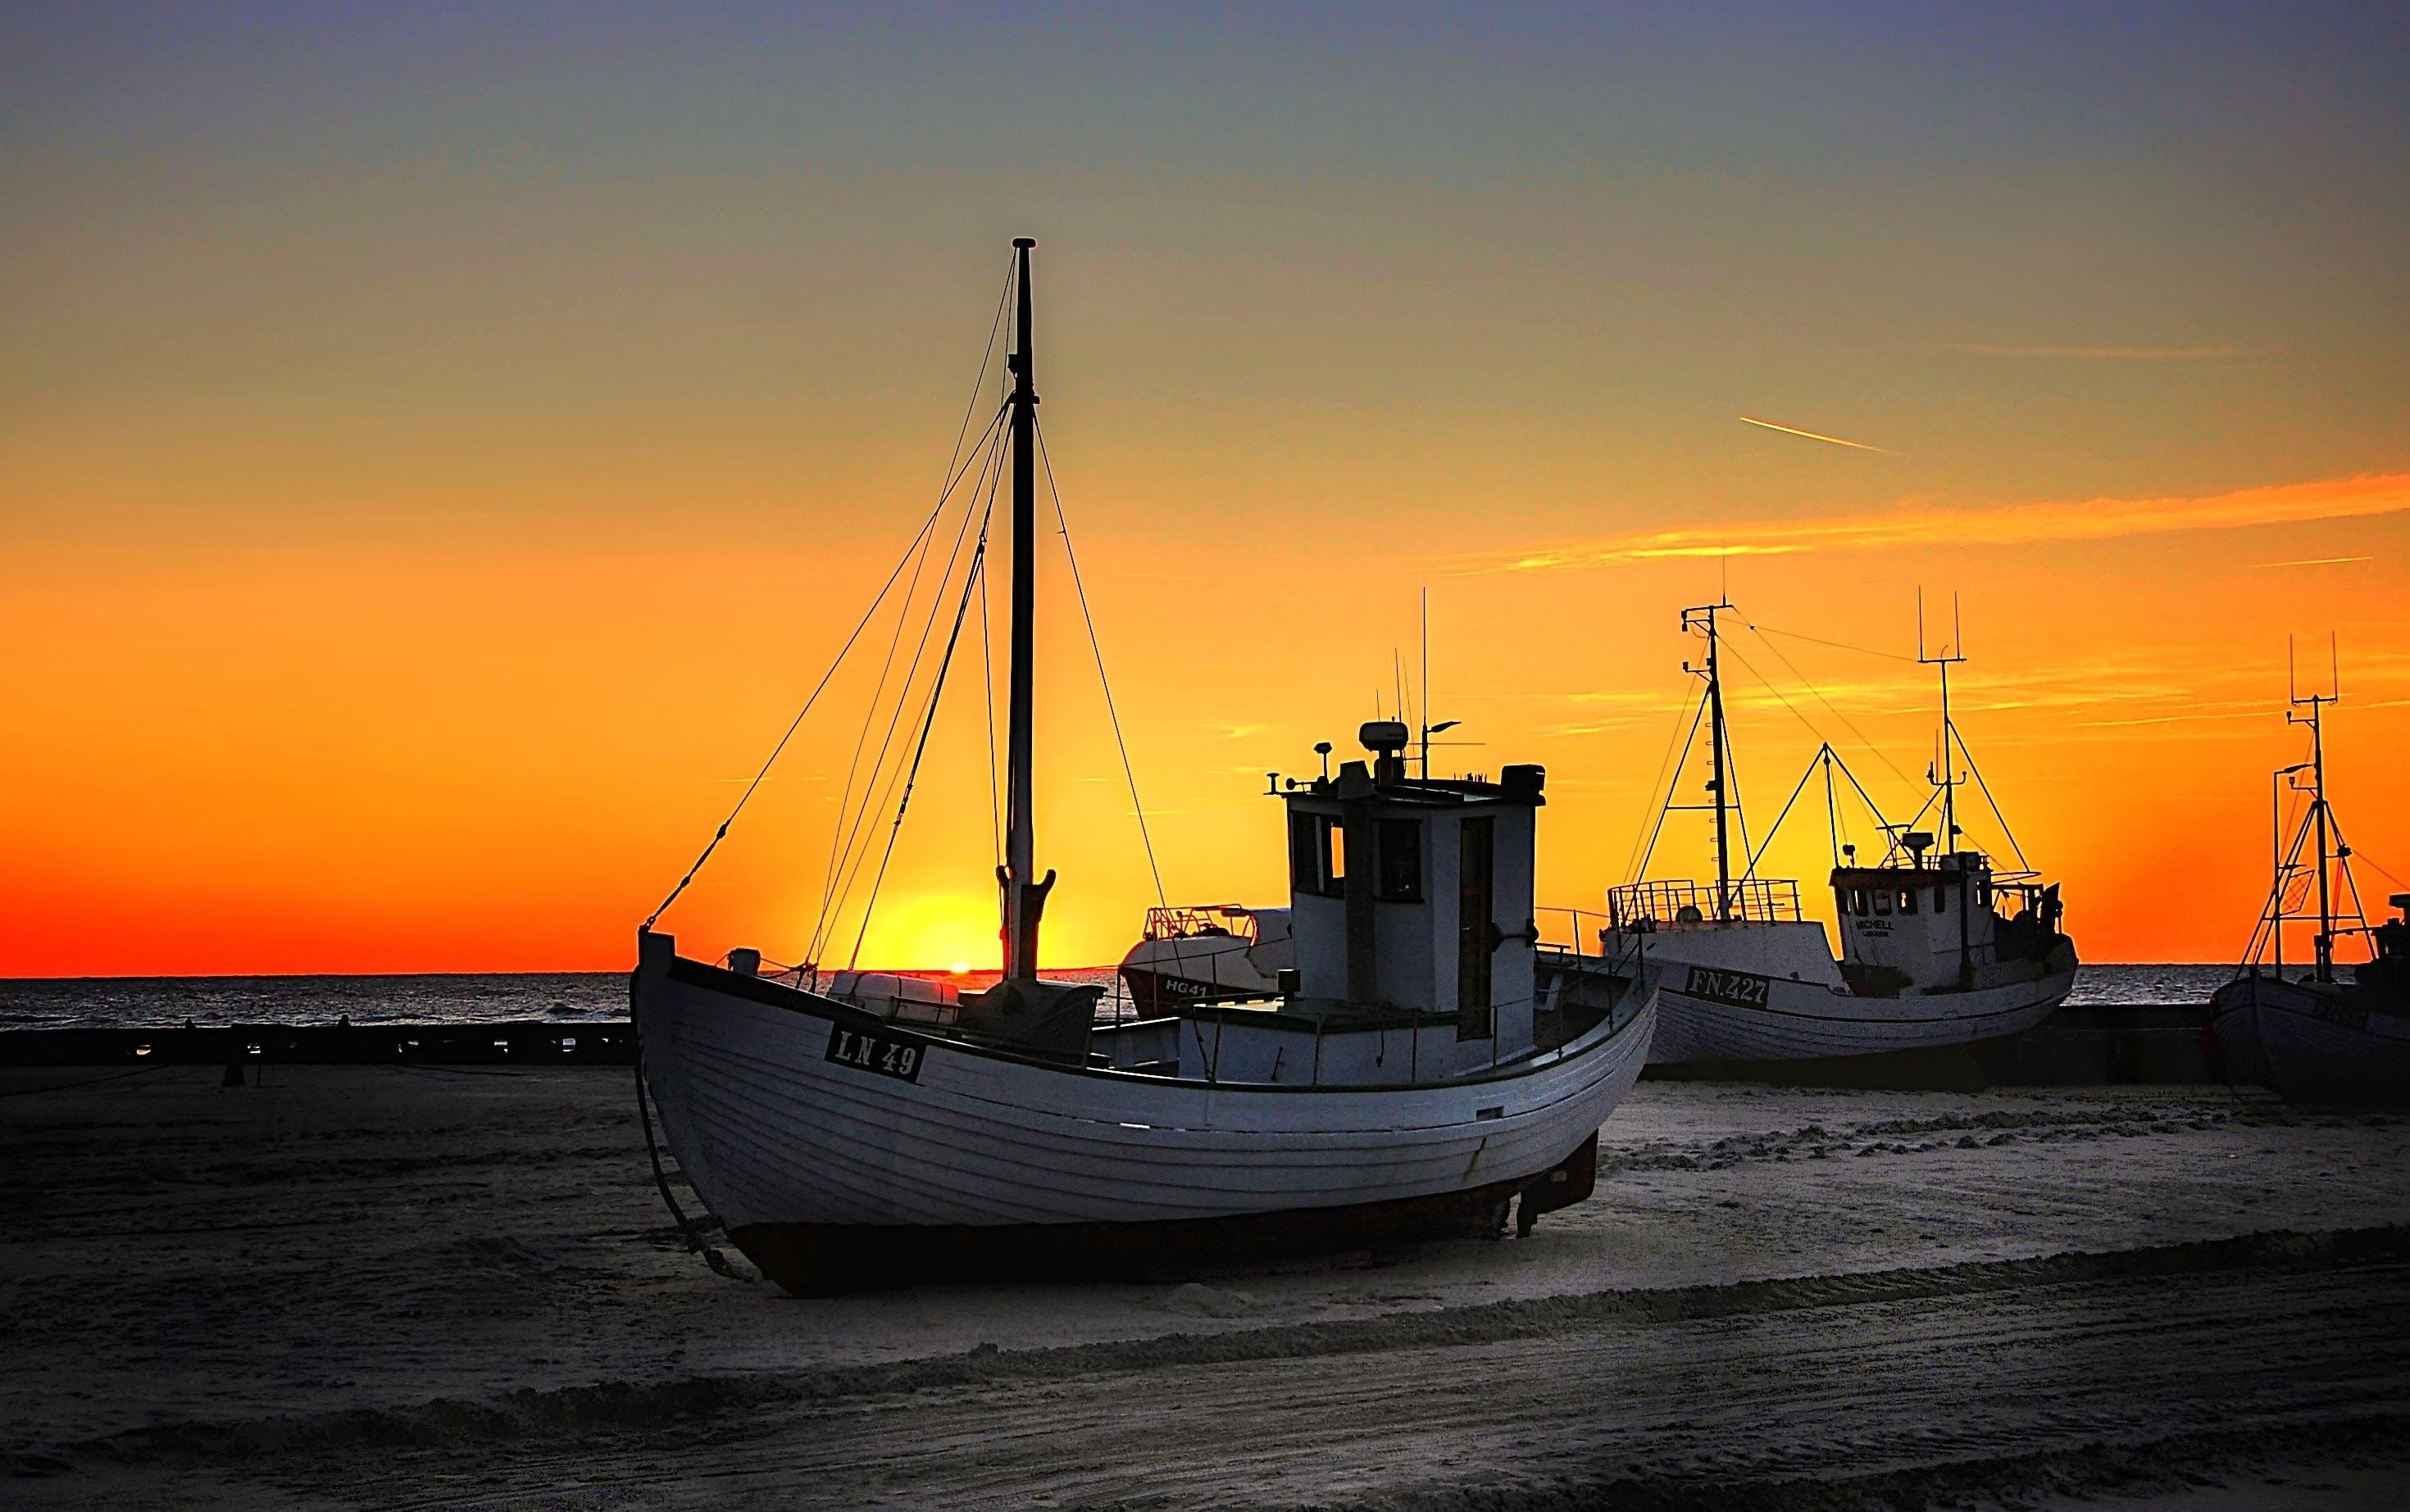 Fishing Boat Parked at Seashore